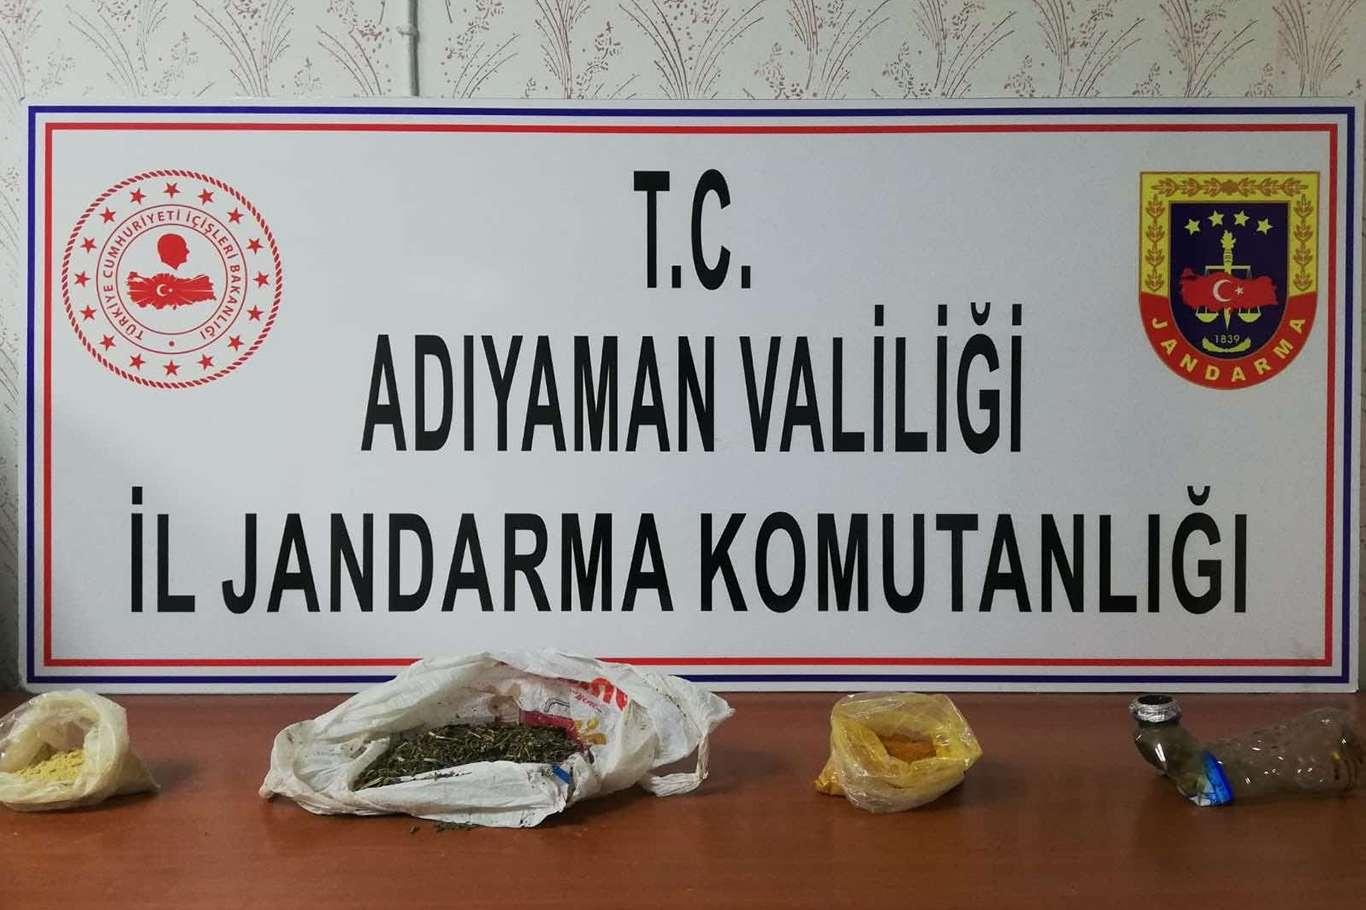 Adıyaman'da Uyuşturucu Ticaretinden 3 Kişi Yakalandı